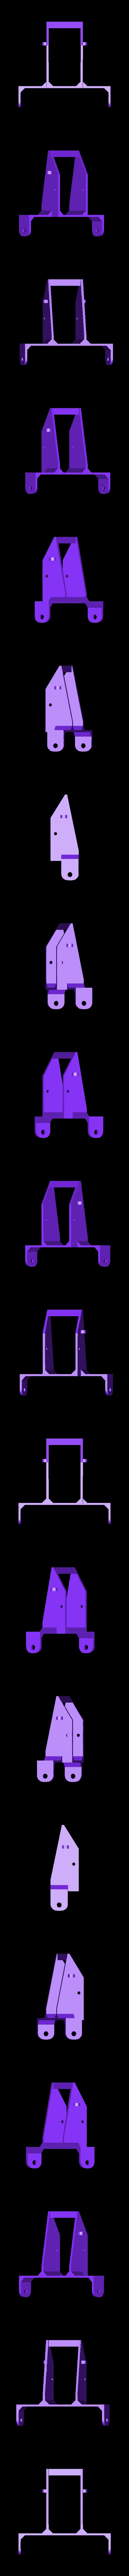 MK2_%2B.stl Télécharger fichier STL gratuit Support de caméra Tiny Whoop - MK2 (style E010) • Design imprimable en 3D, Gophy